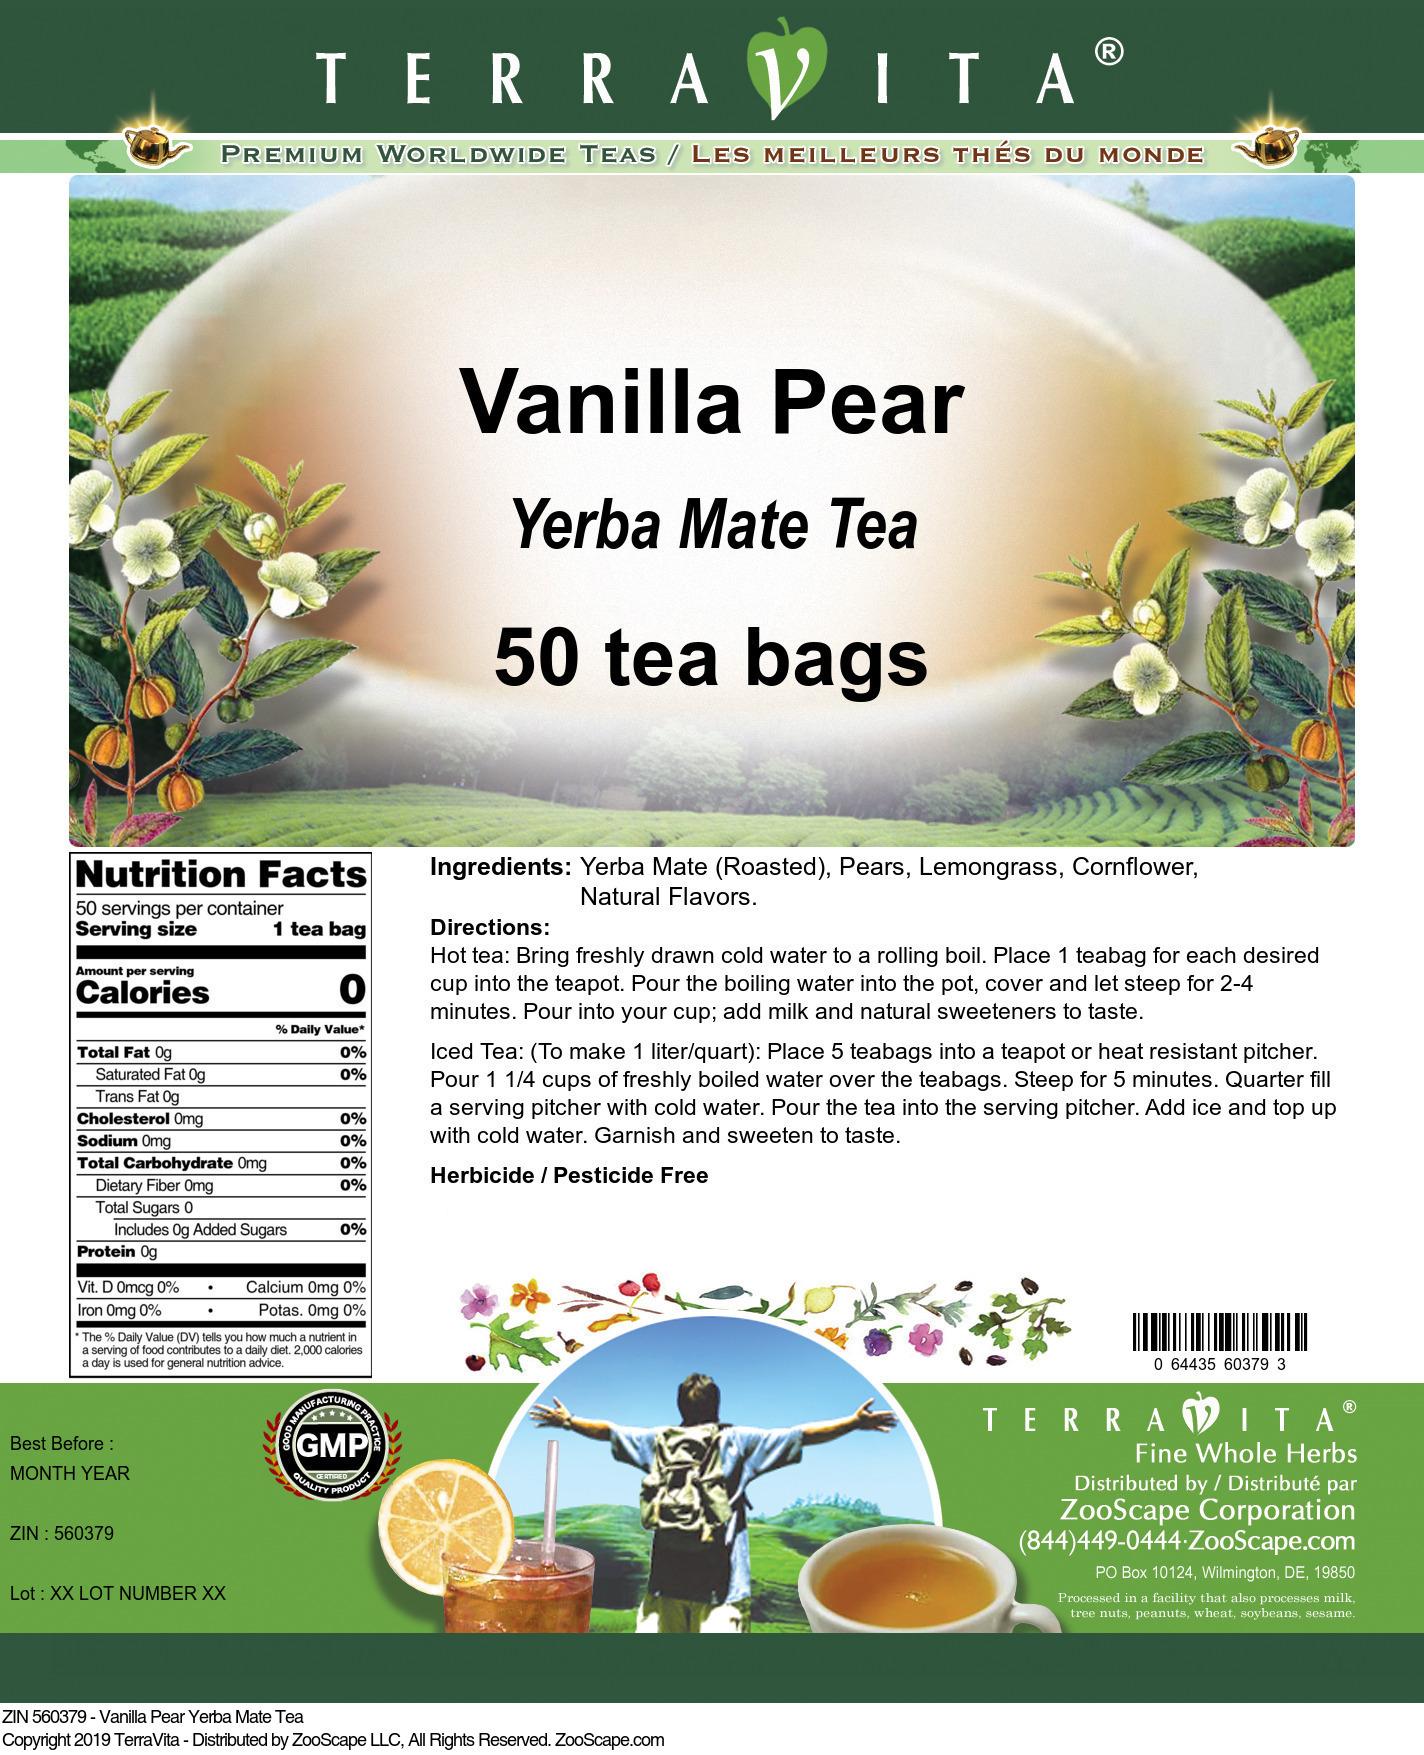 Vanilla Pear Yerba Mate